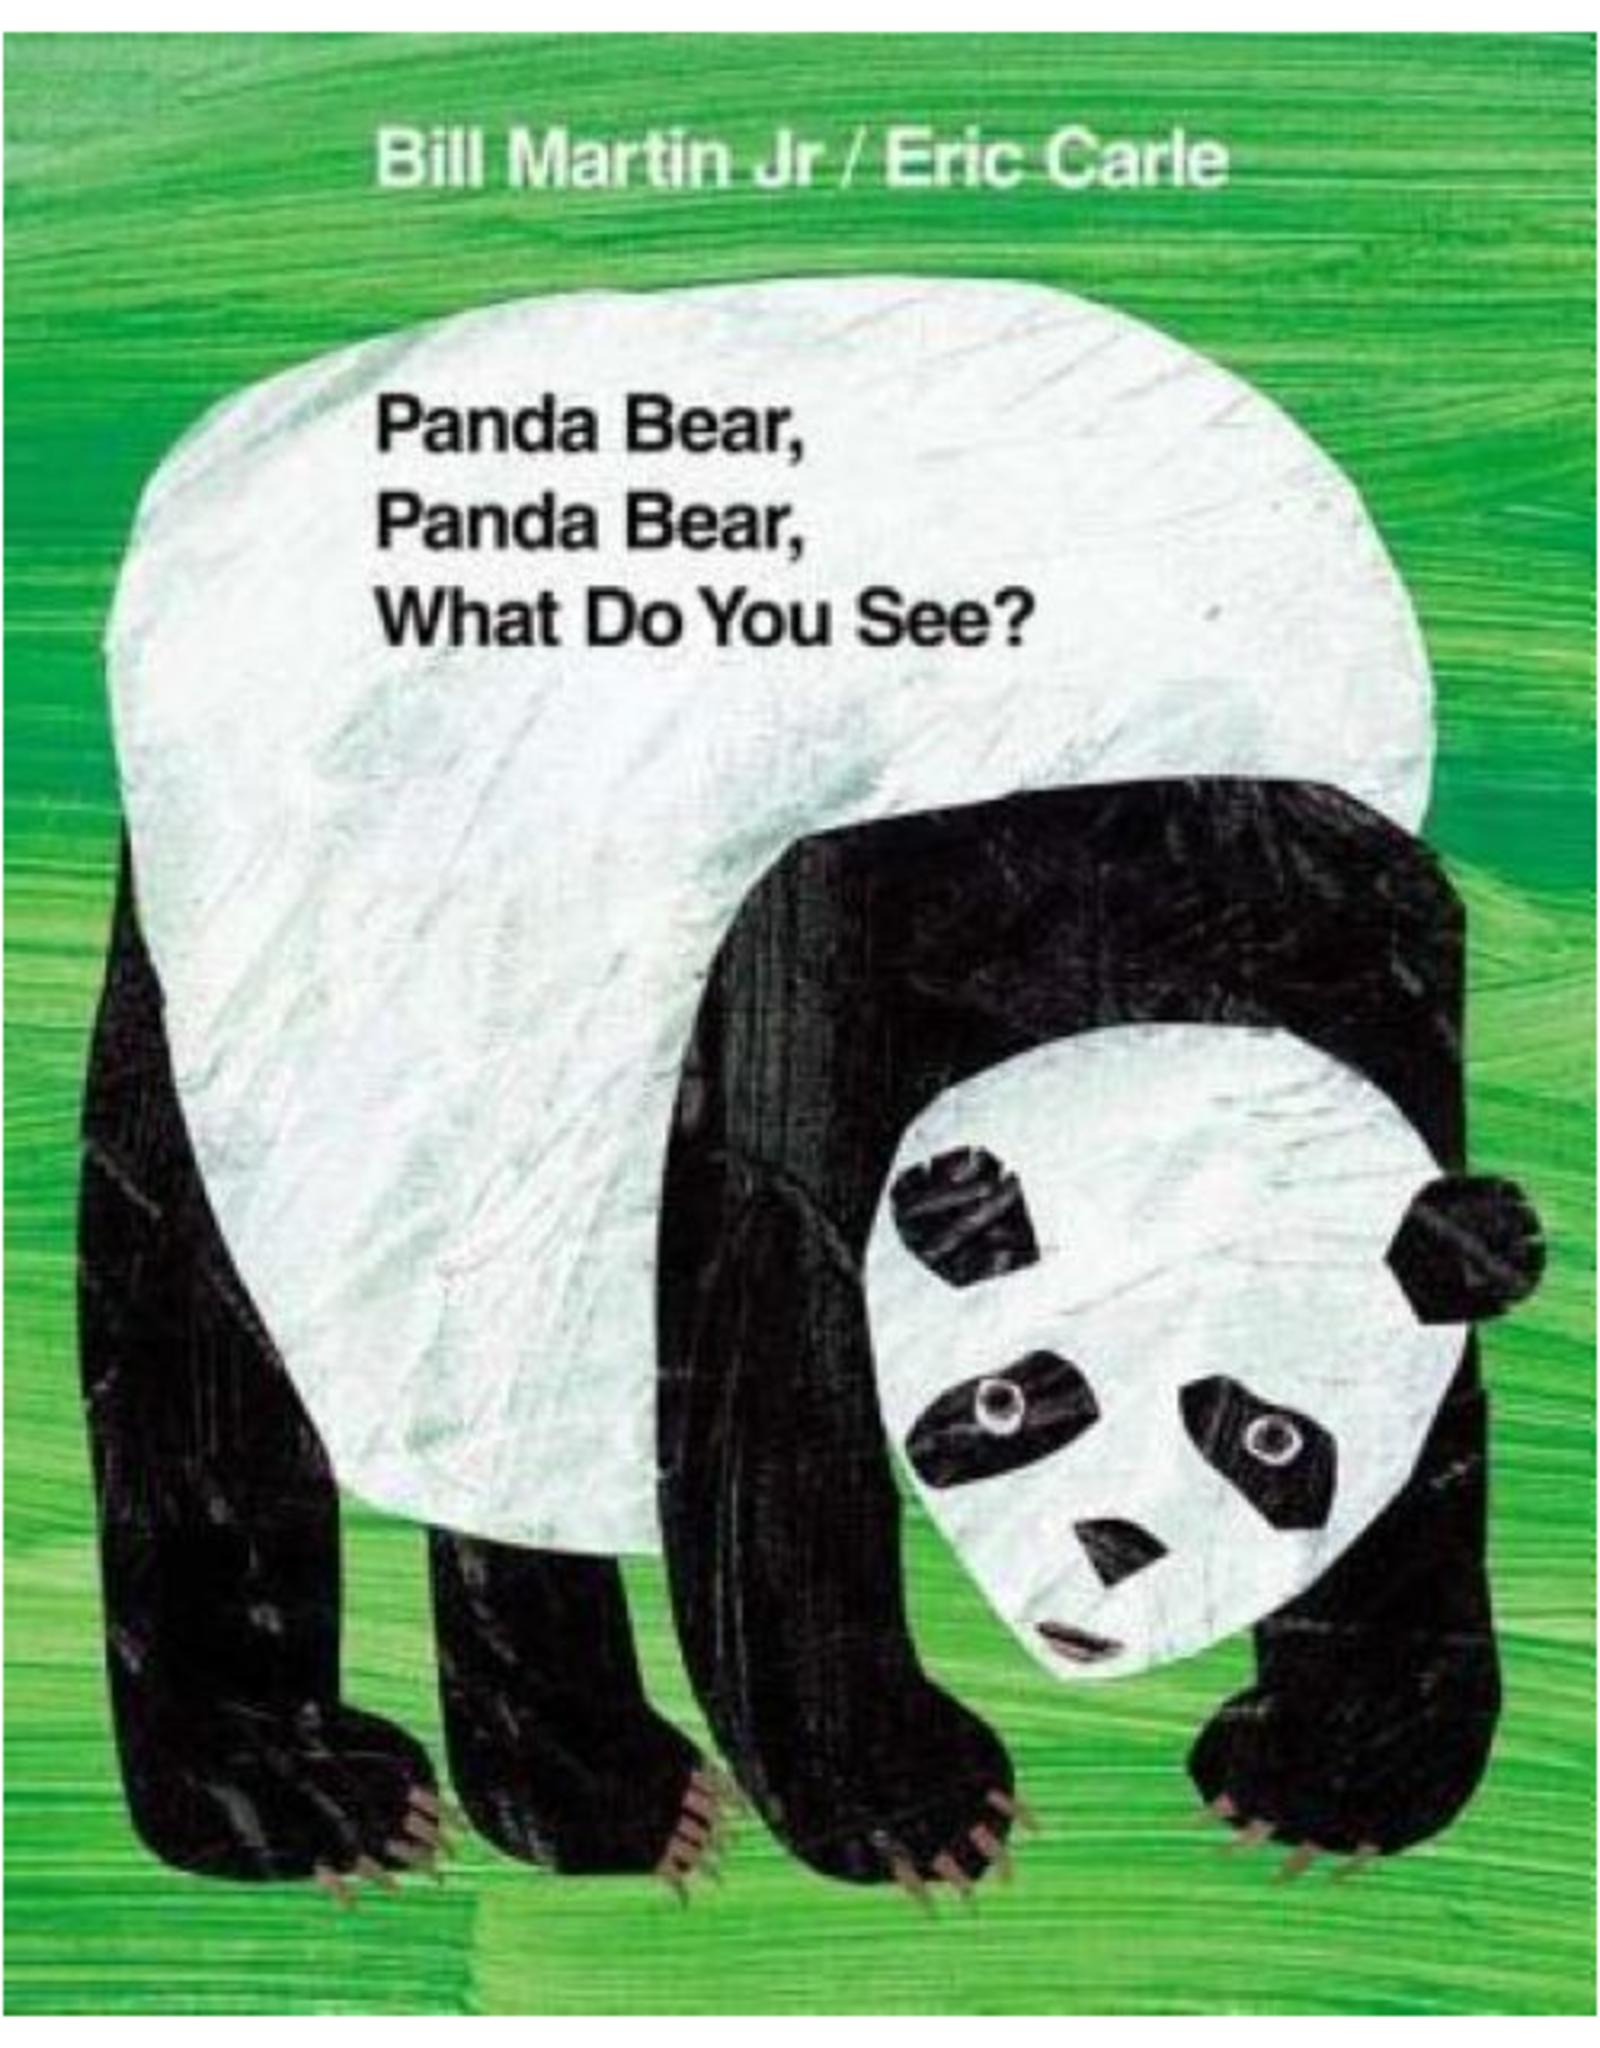 Panda Bear, Panda Bear